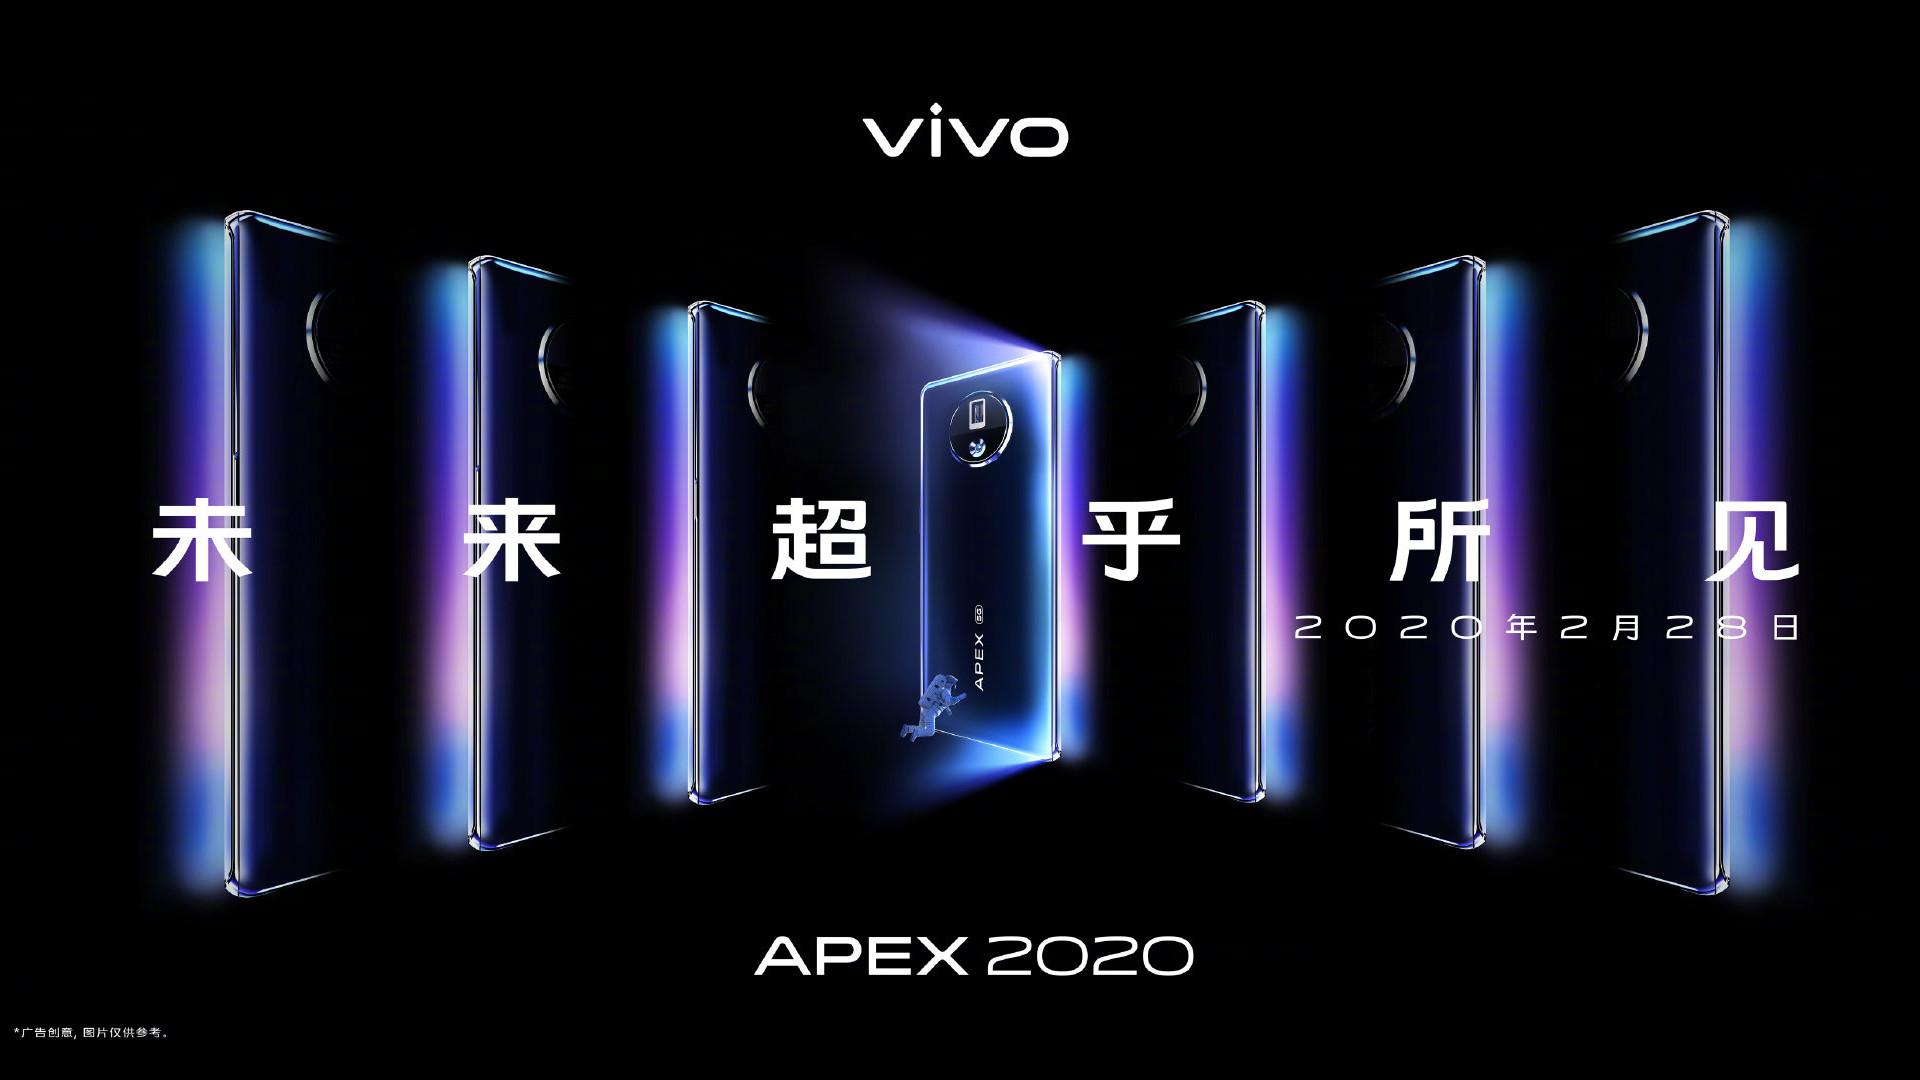 vivo apex concept 2020 design